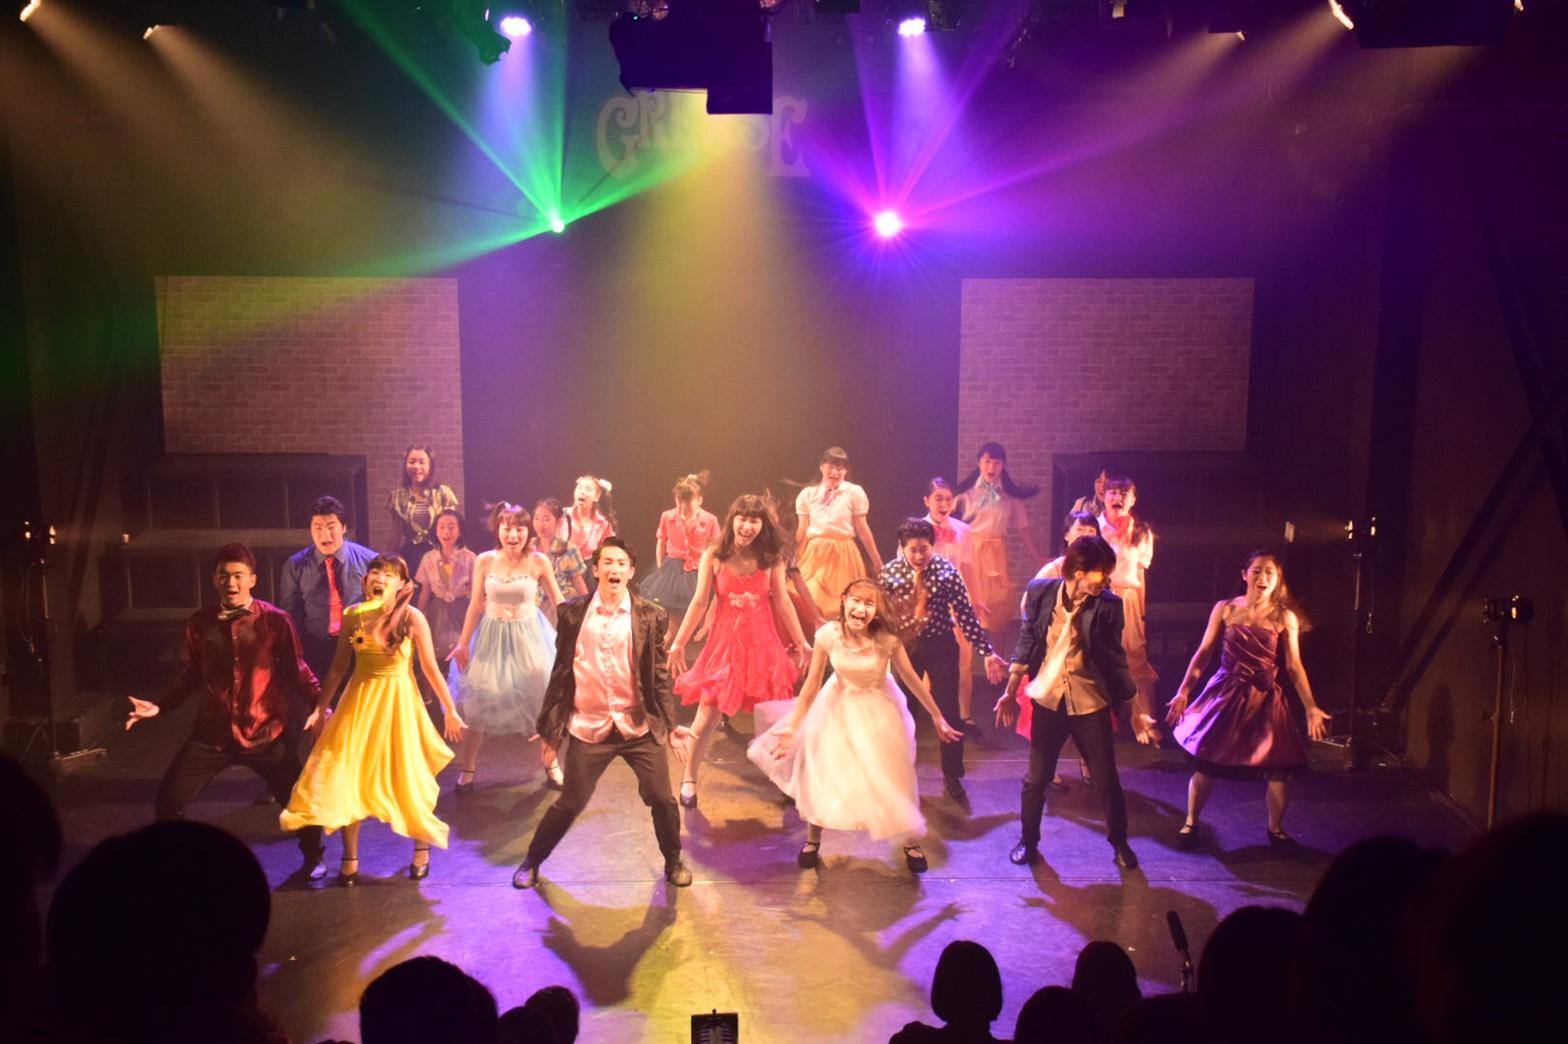 オーディション 2021ミュージカル「GREASE」出演者オーディション 不朽の名作を上演! 今年は募集内容もパワーアップ 主催:GTSダンスミュージカルスクール、カテゴリ:舞台